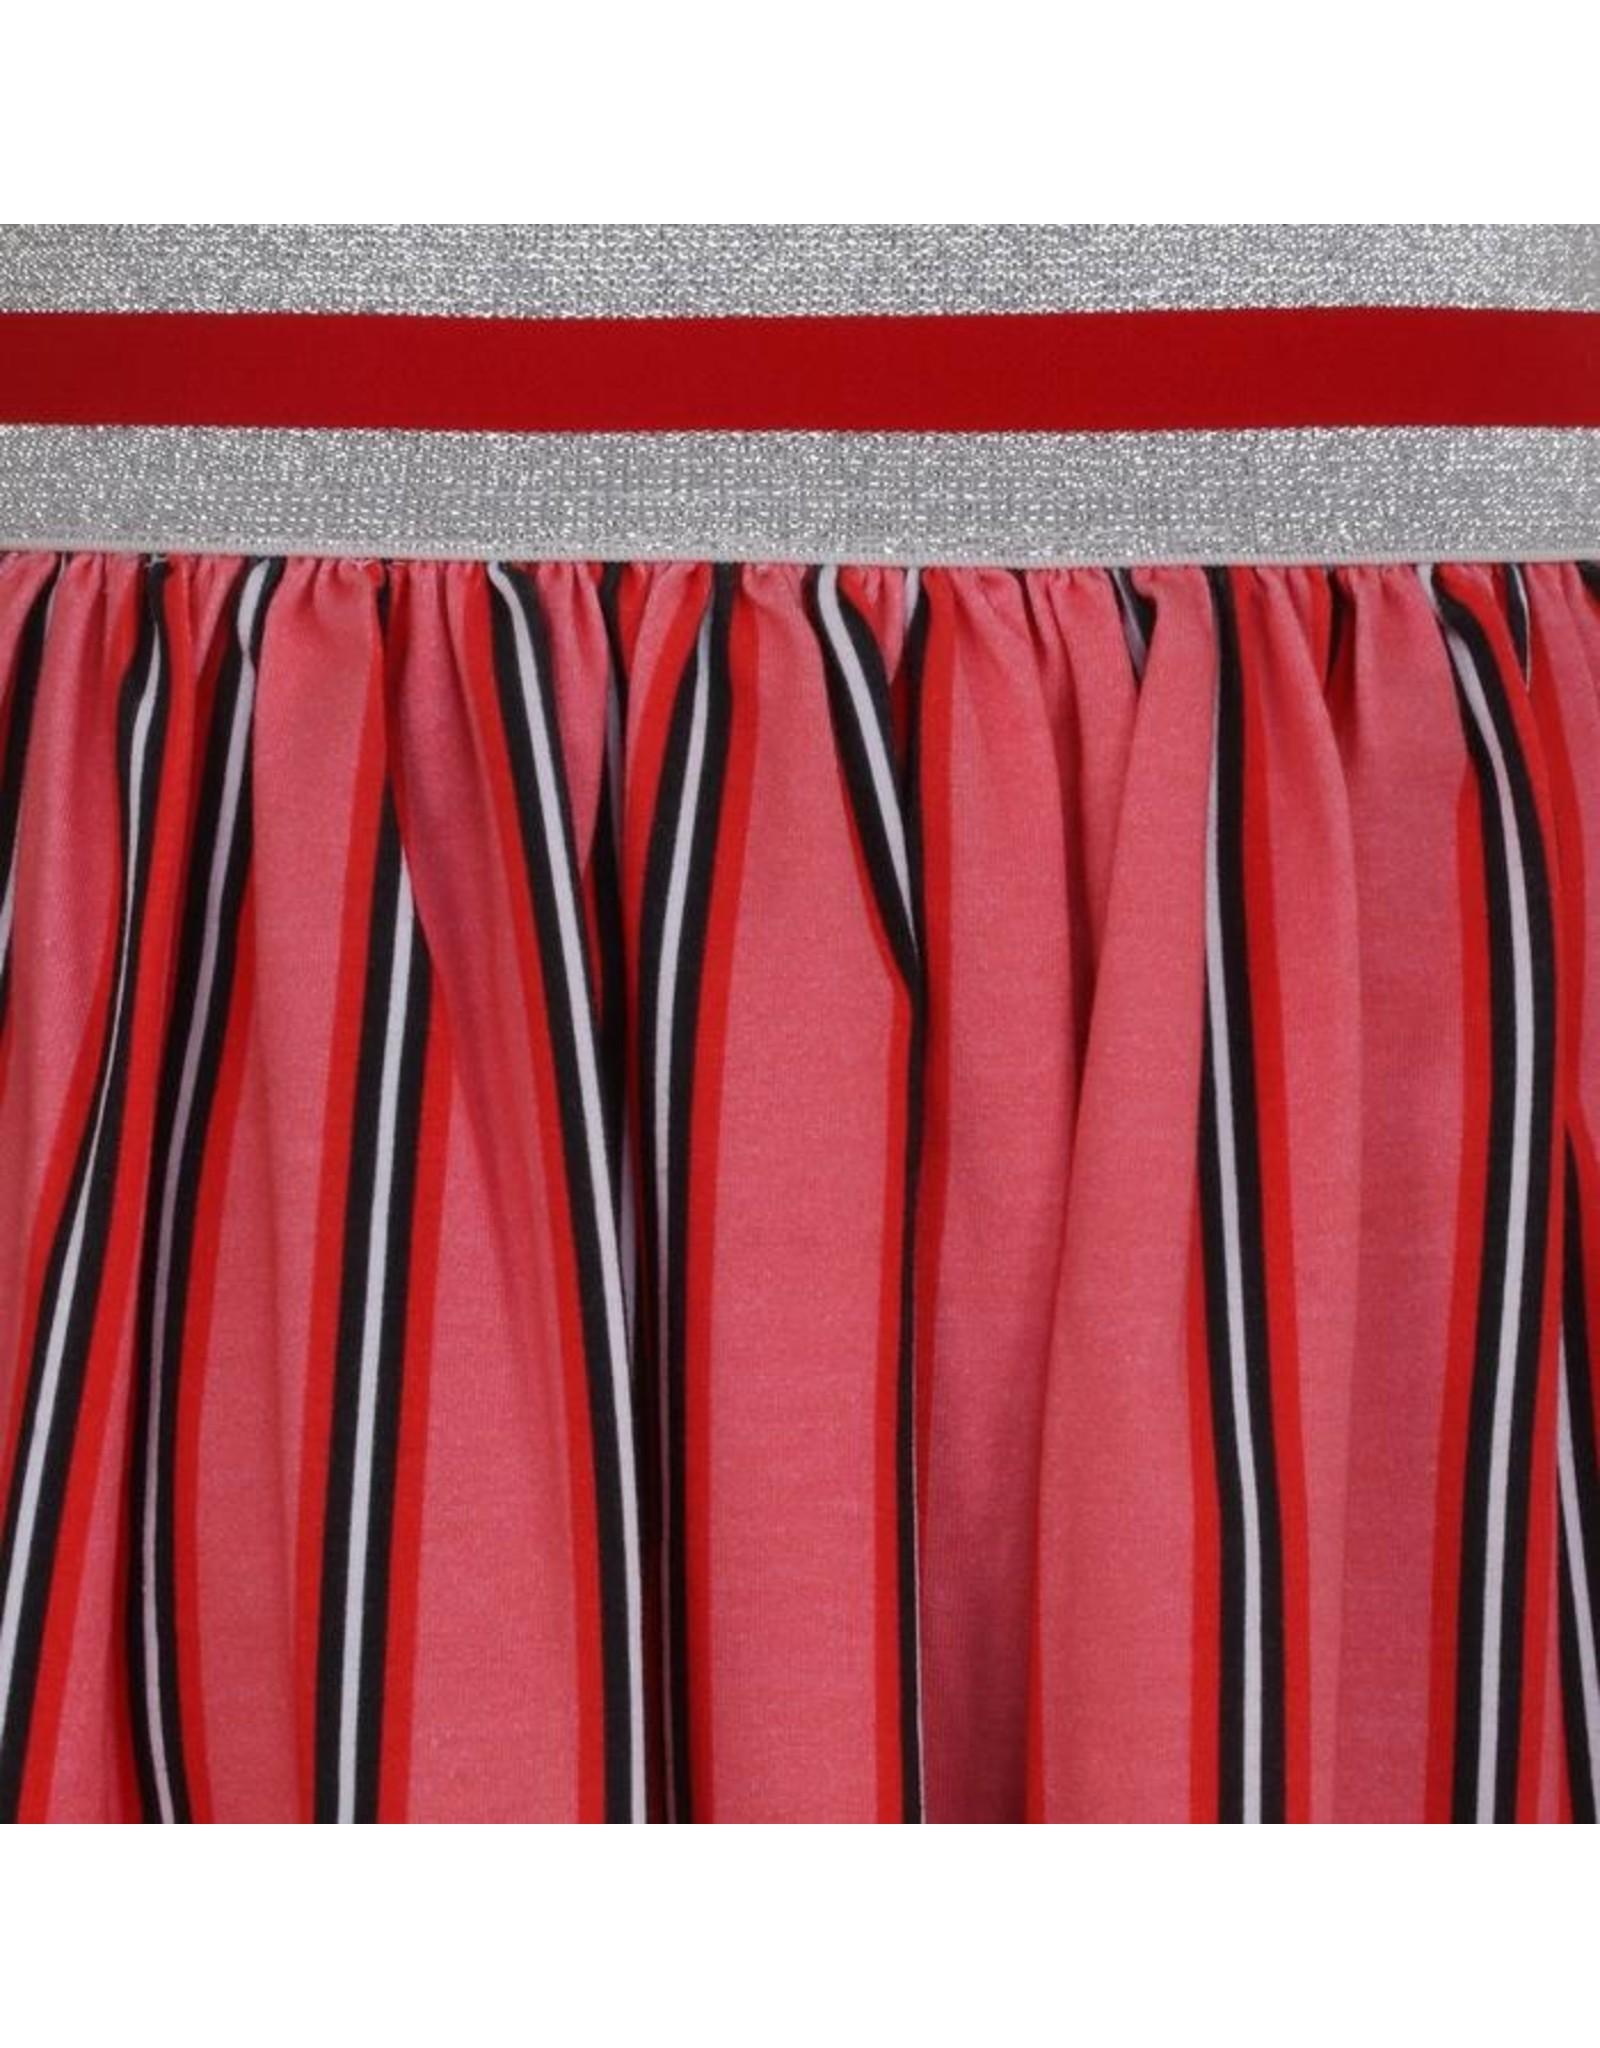 Little Miss Juliette A-Line Skirt Stripes, PNK